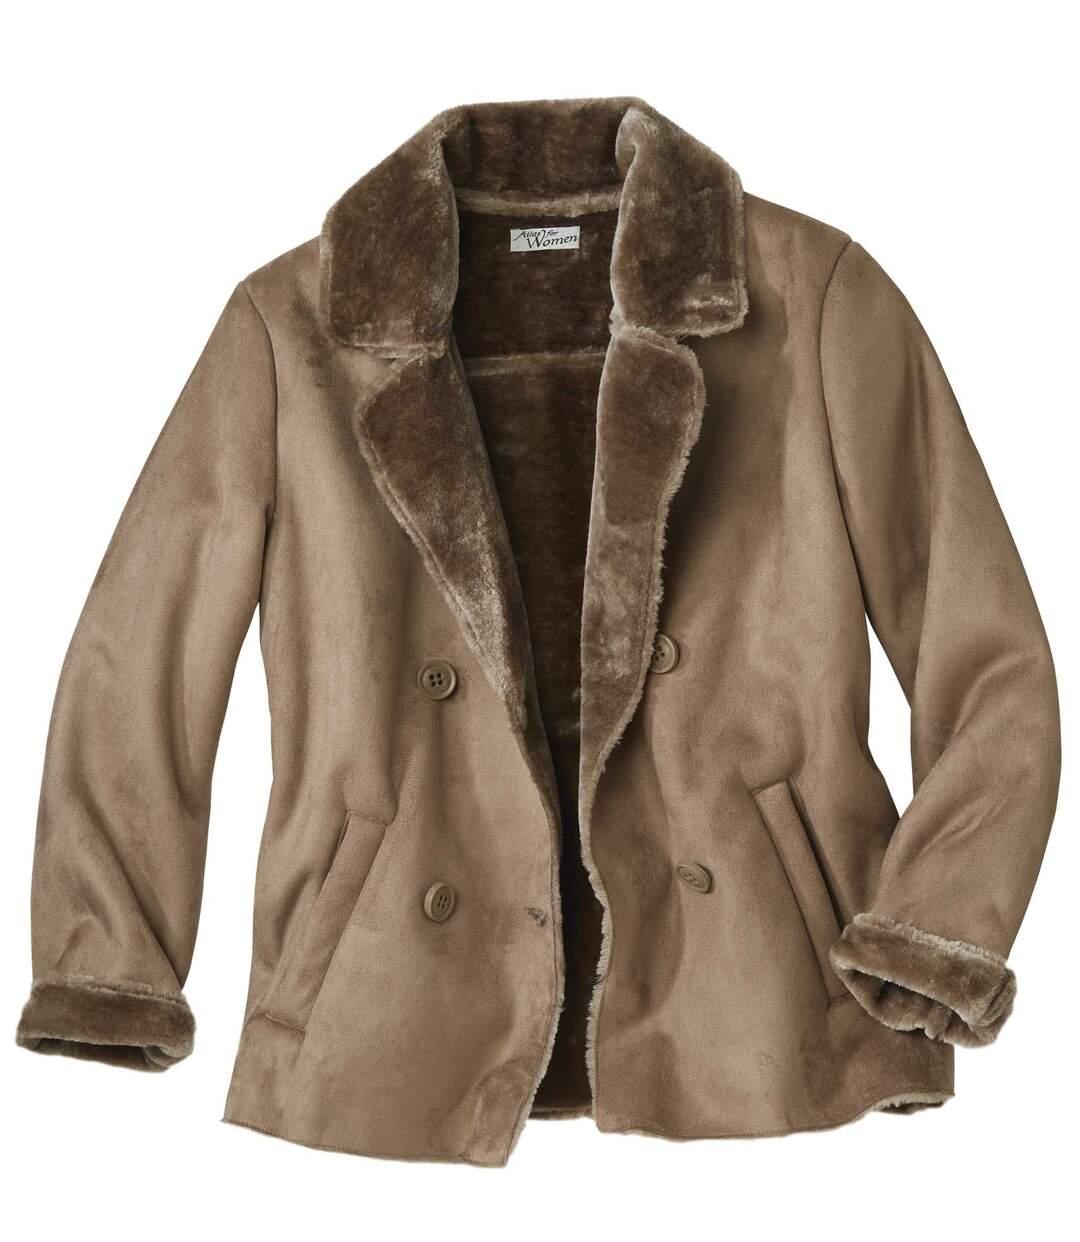 Women's Brown Faux Suede Coat with Faux Fur Trim